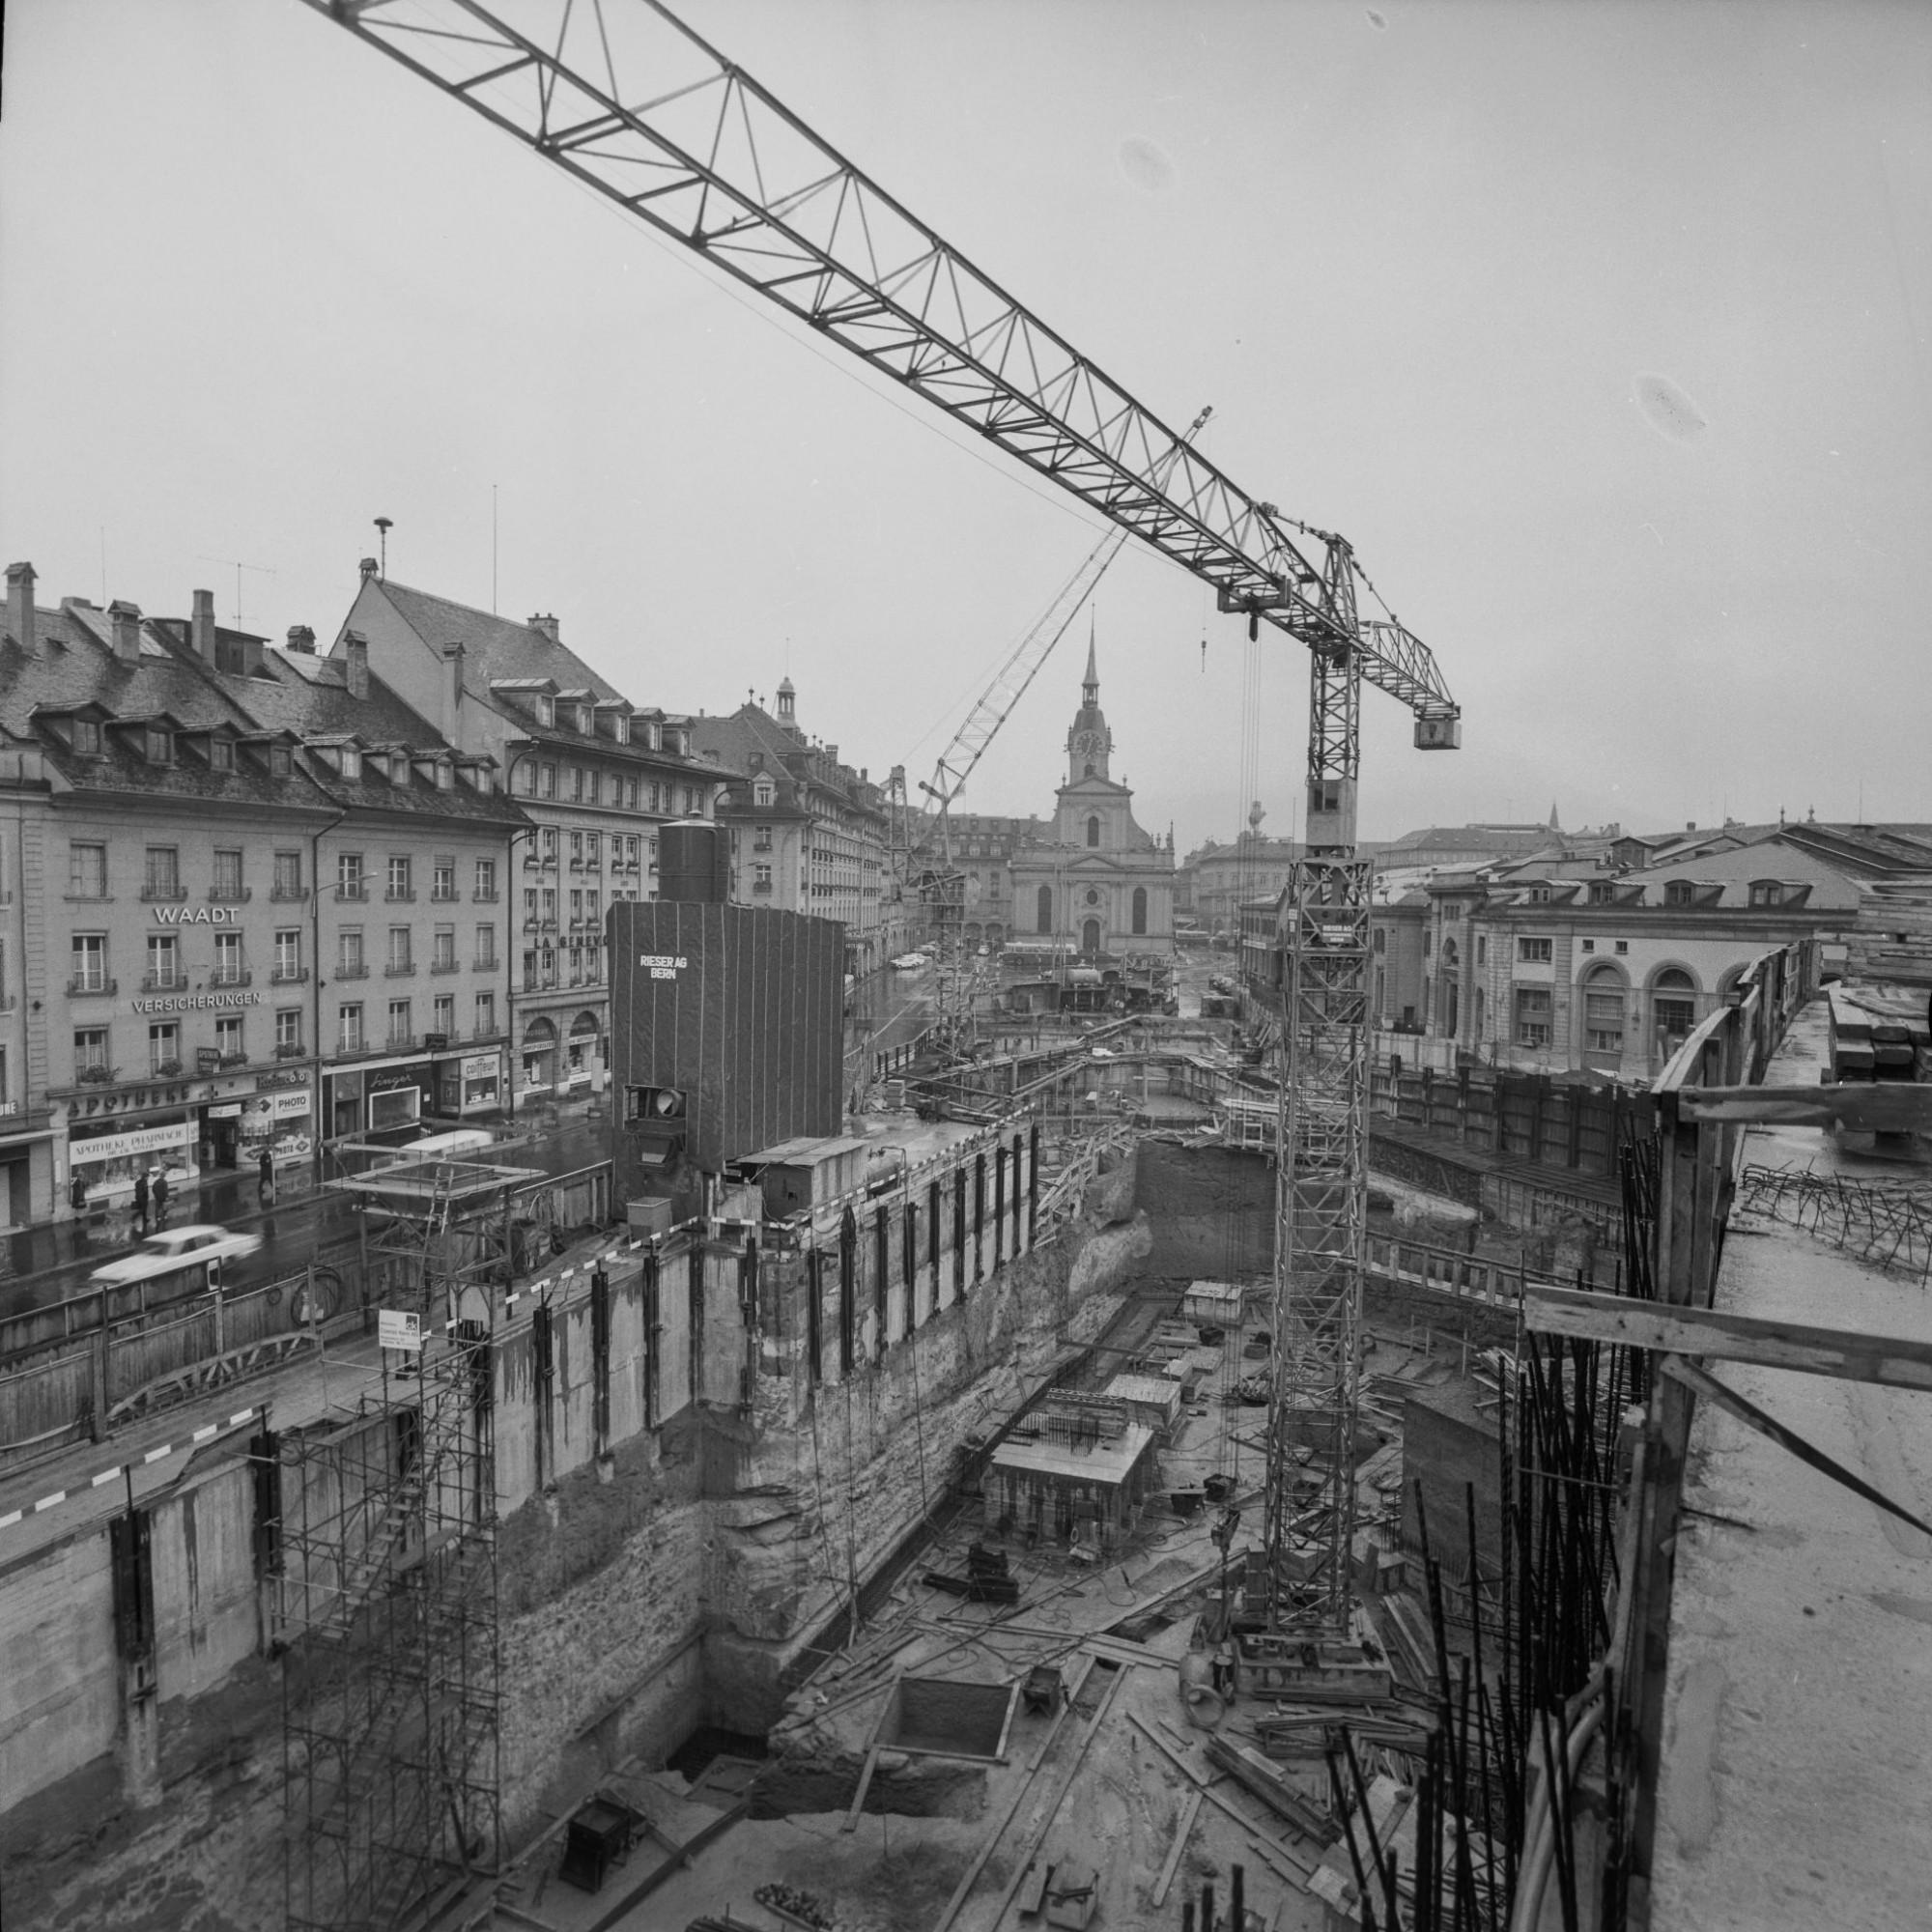 Zwischen 1902 und 1957 veränderte sich der Bahnhof Bern kaum. Bis sich die SBB entschloss einige Probleme zu beheben. Somit fingen im Juni 1957 die Bauarbeiten an, die einen neuen Post-Bahnhof, eine Parkgarage, einen unterirdischen Bahnhof und einen weitl